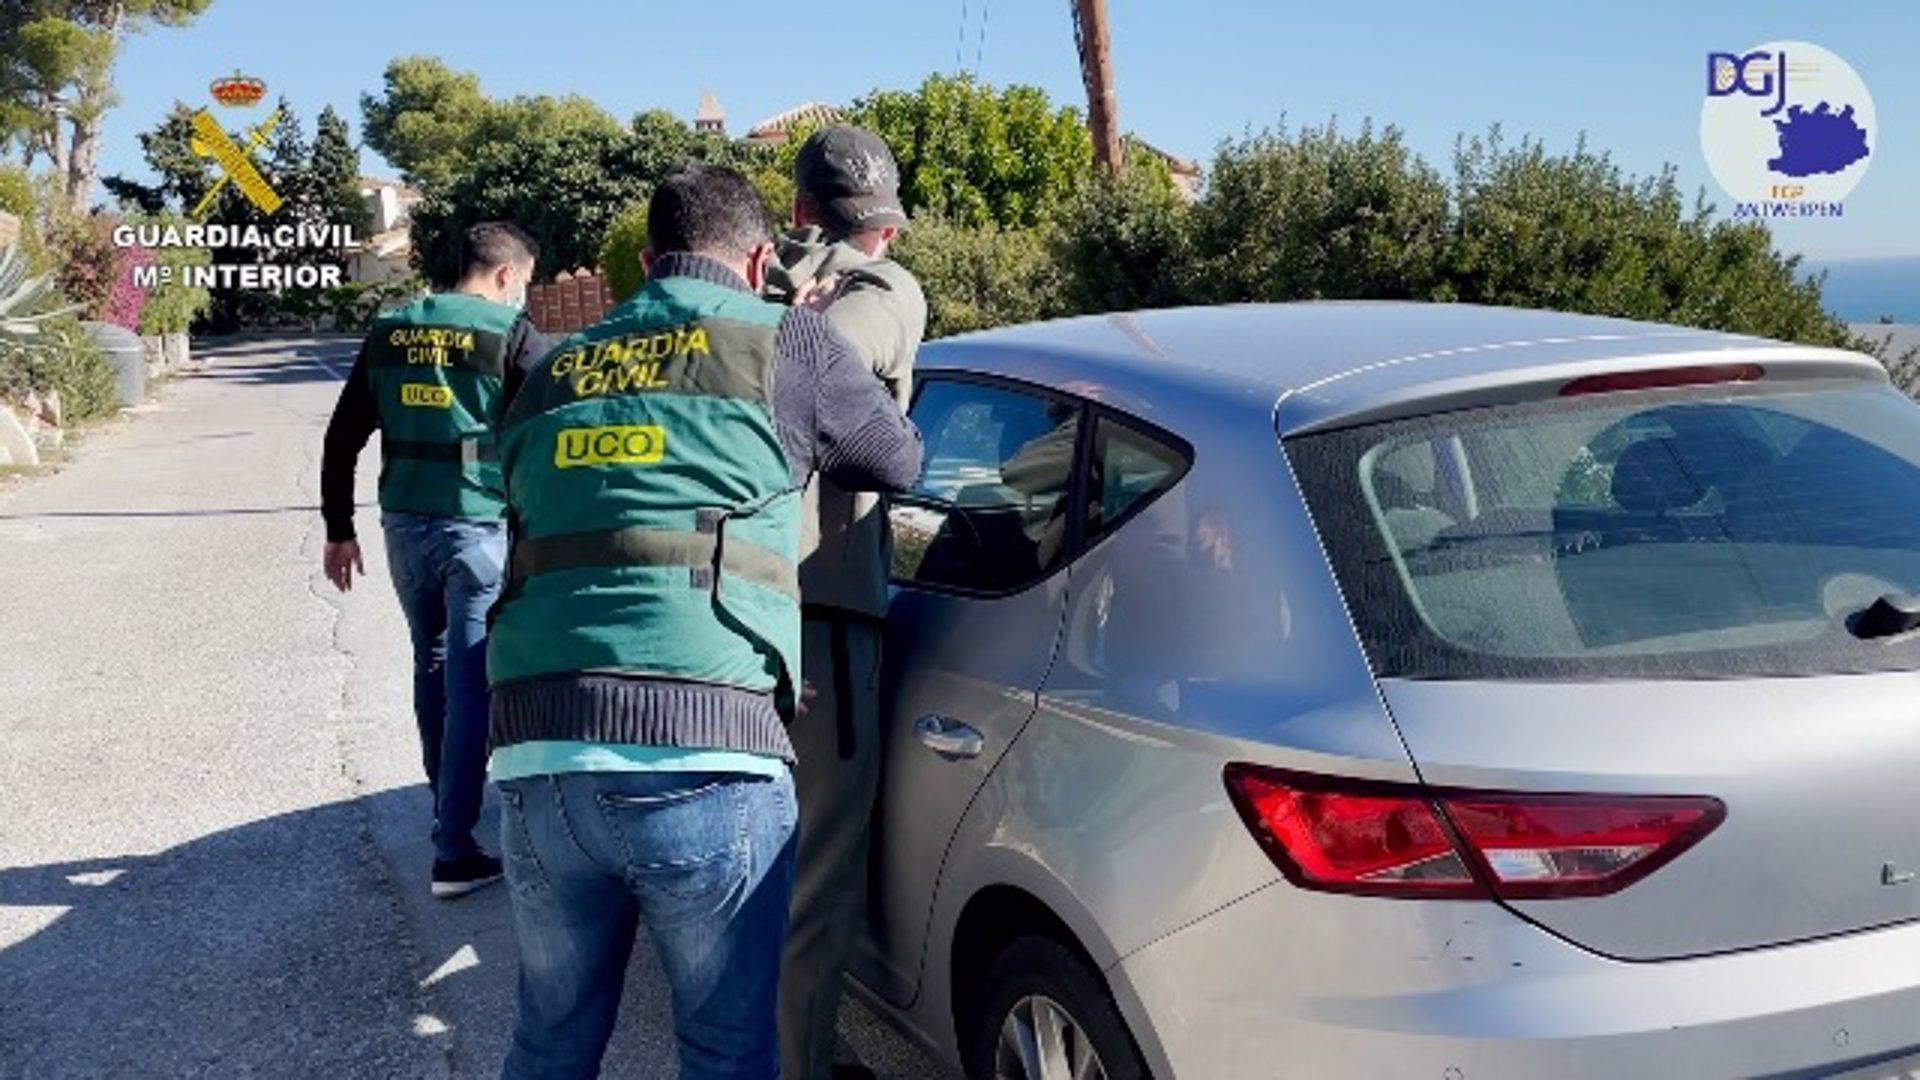 Detenido en Almuñécar el presunto líder de una organización criminal de tráfico de cocaína de Bélgica